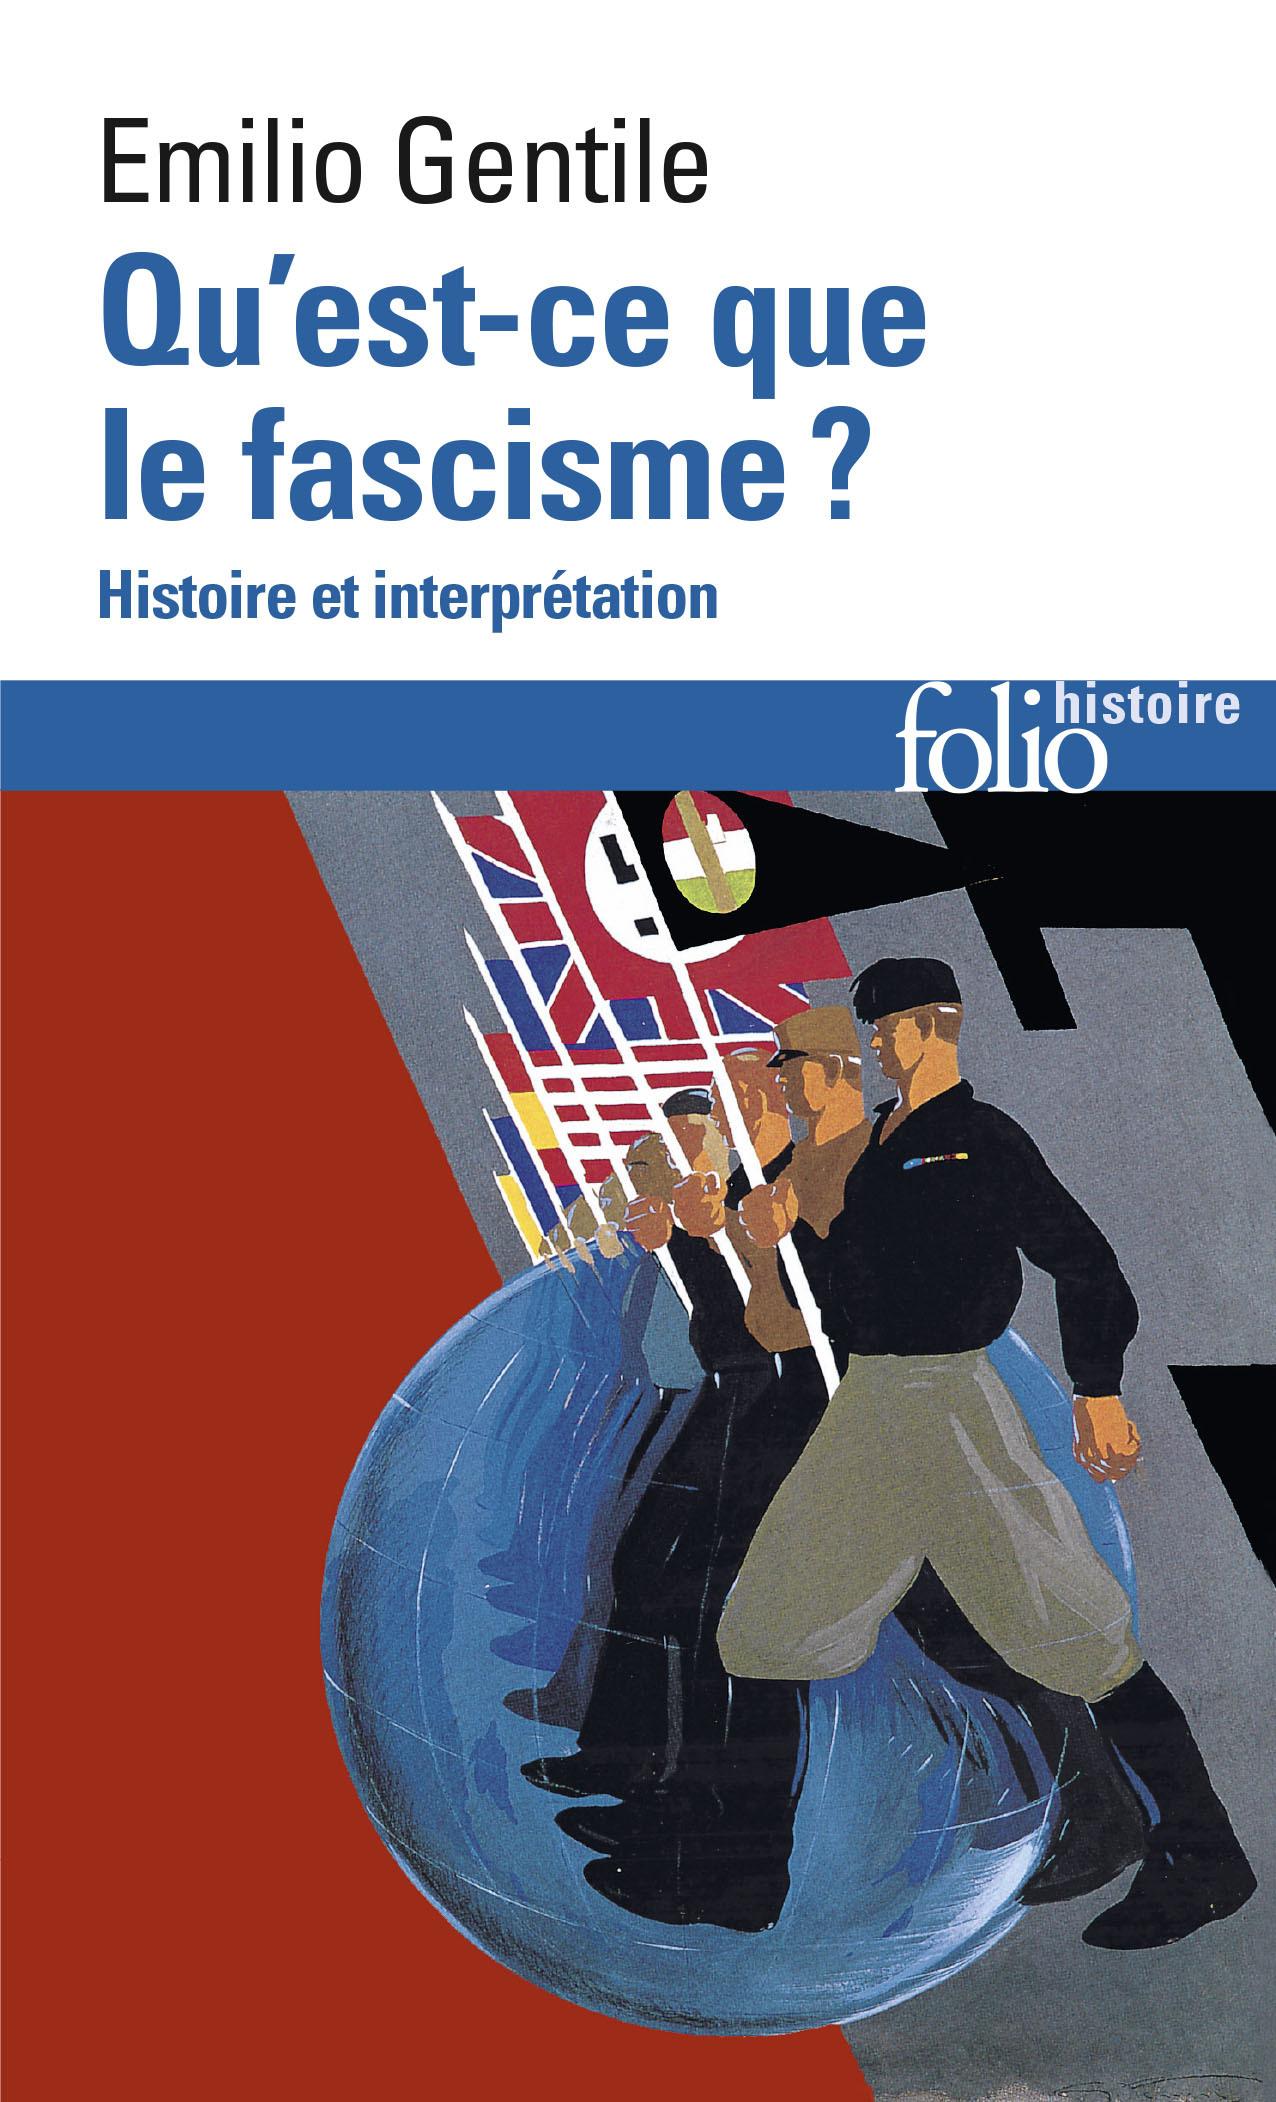 QU'EST-CE QUE LE FASCISME ? - HISTOIRE ET INTERPRETATION